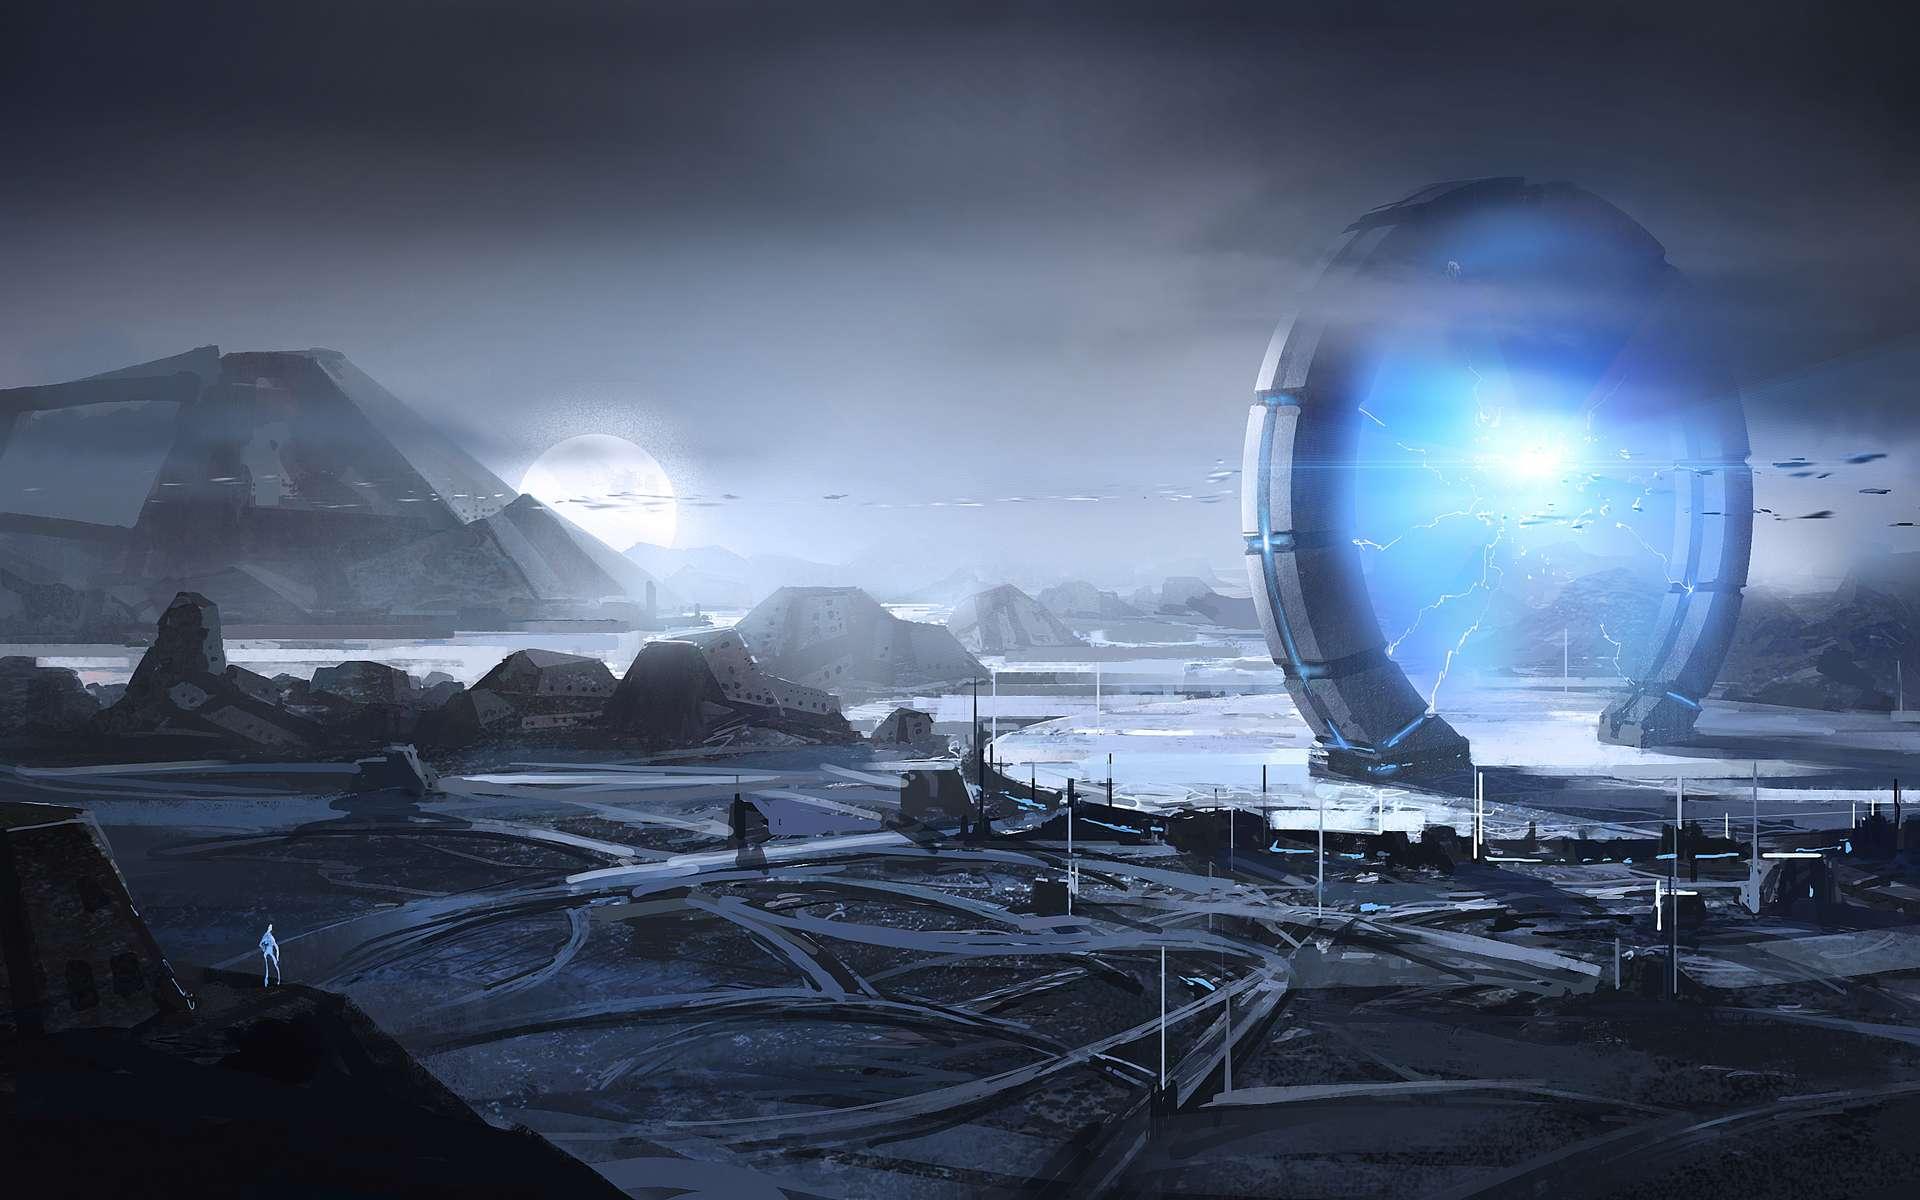 La recherche de signaux extraterrestres promue au rang de discipline scientifique